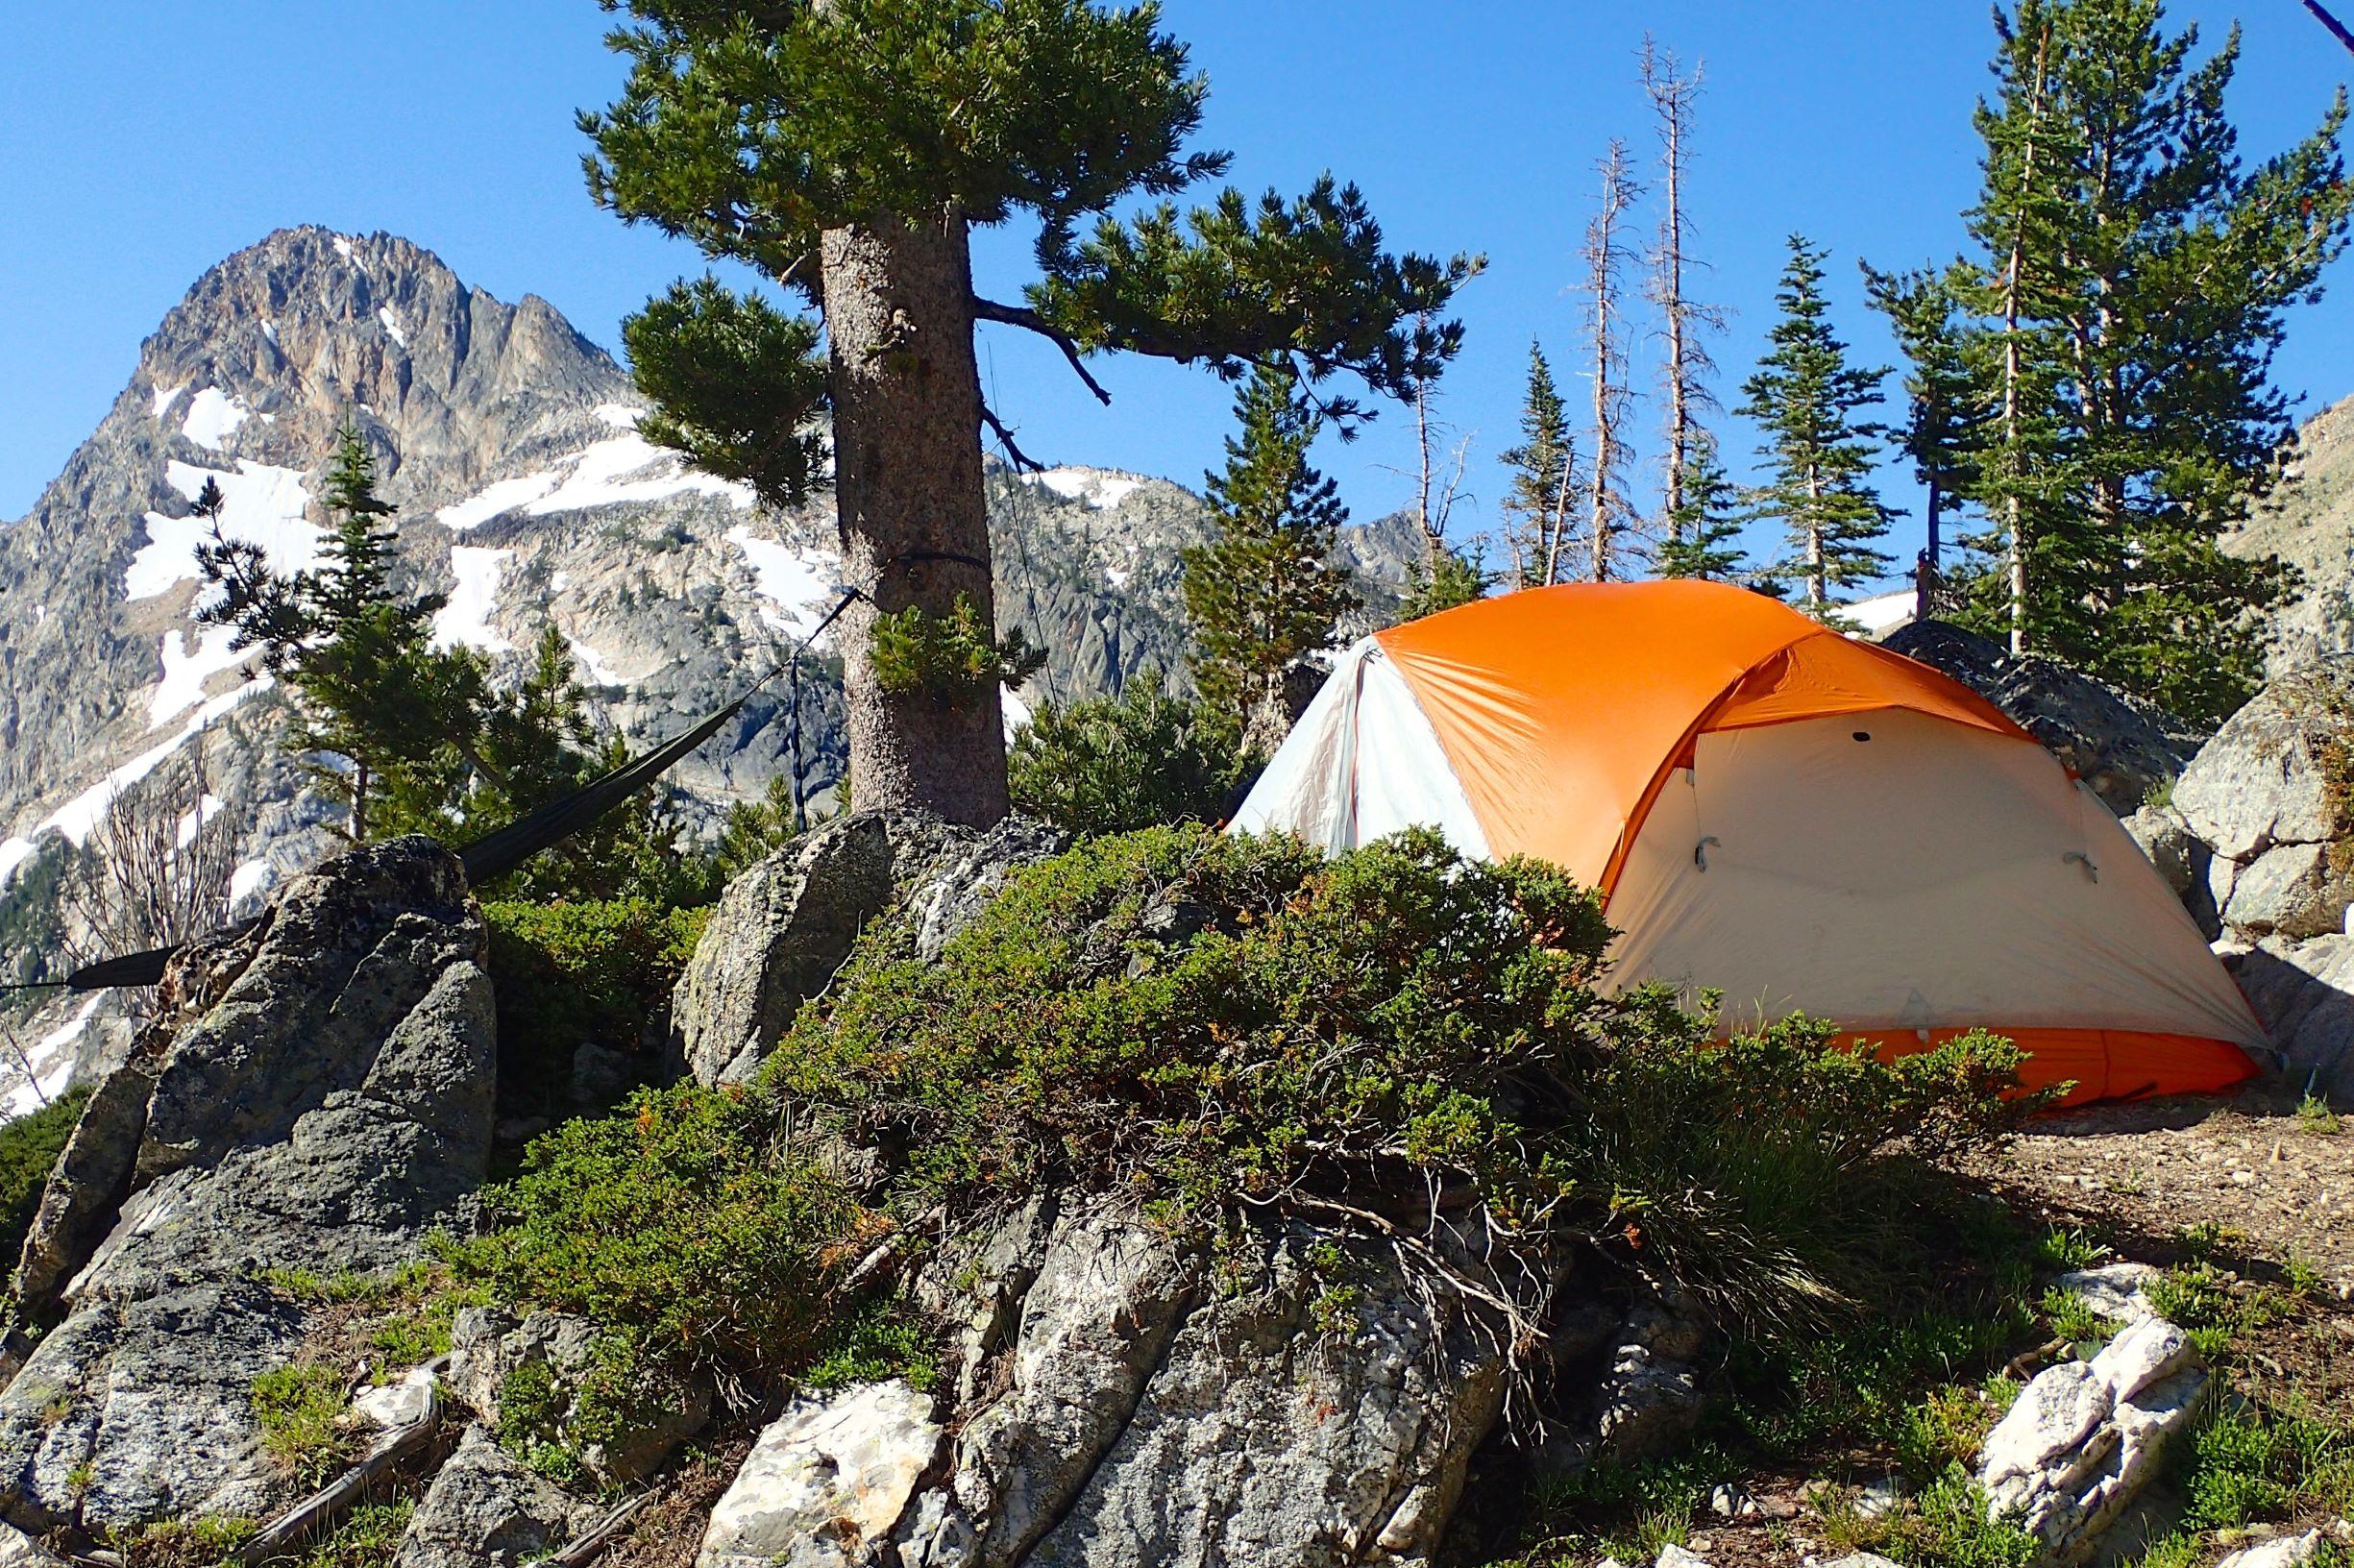 Camping in Idaho